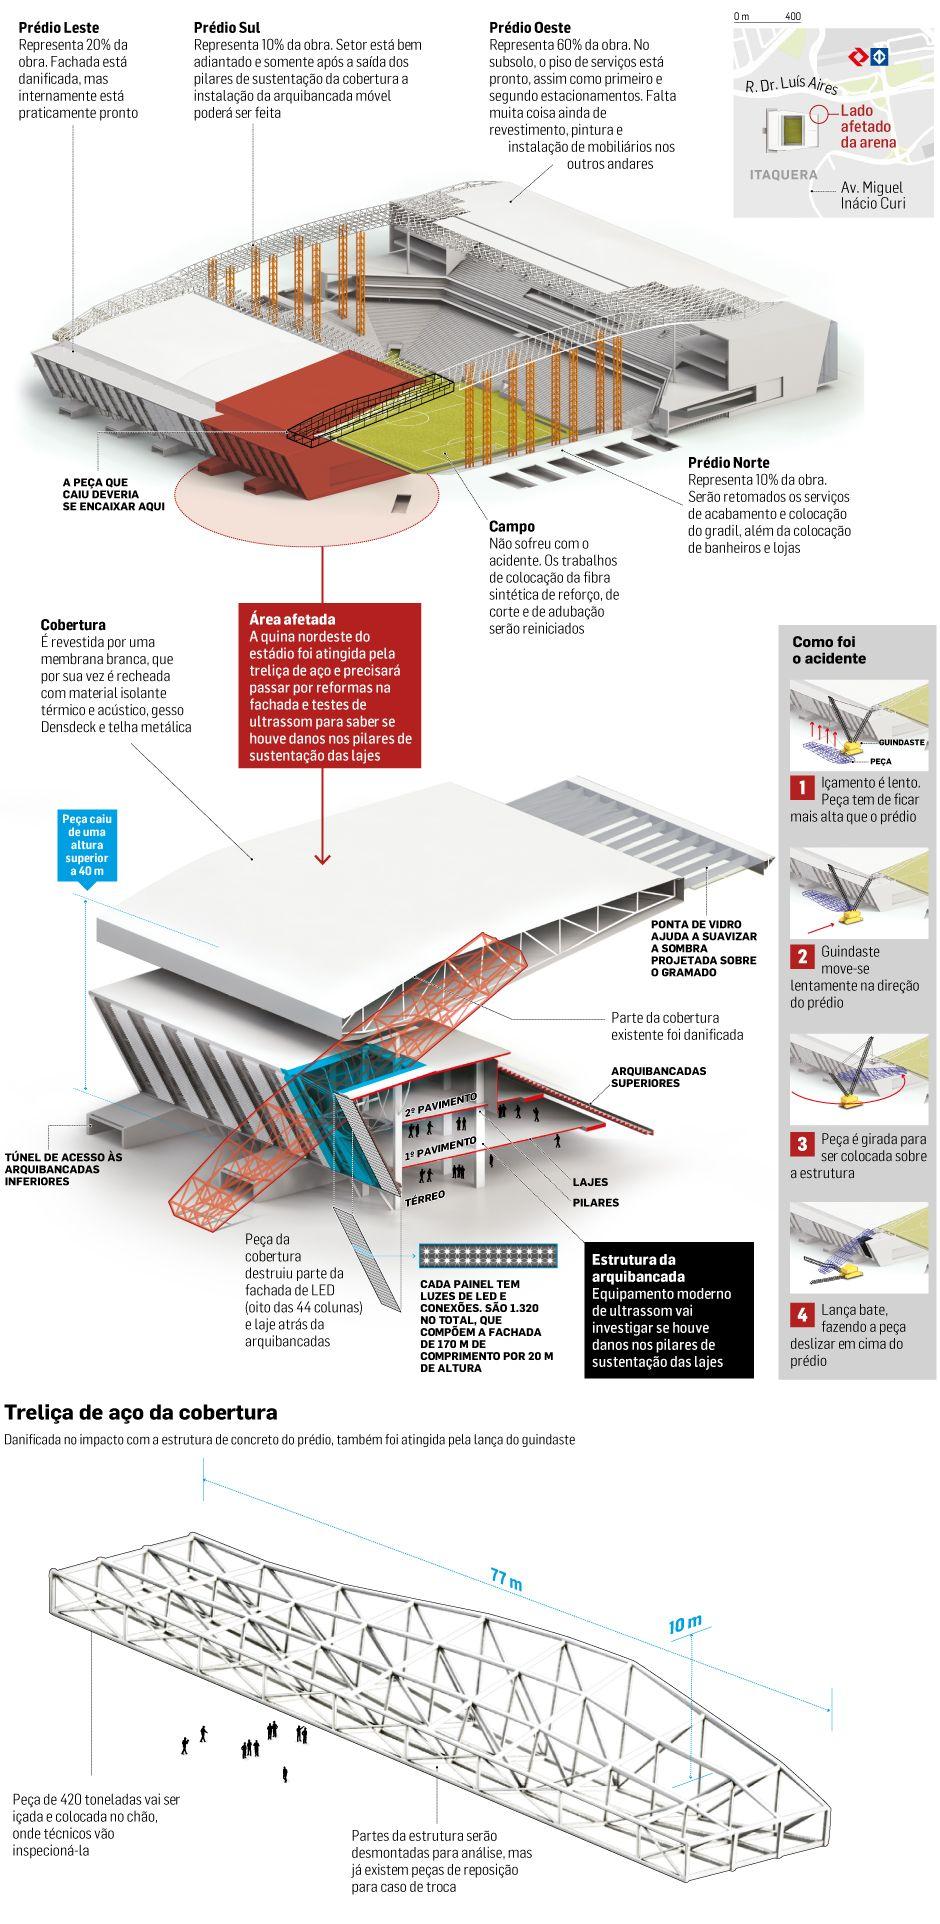 medium resolution of plano de a es para retomada da obra na arena corinthians